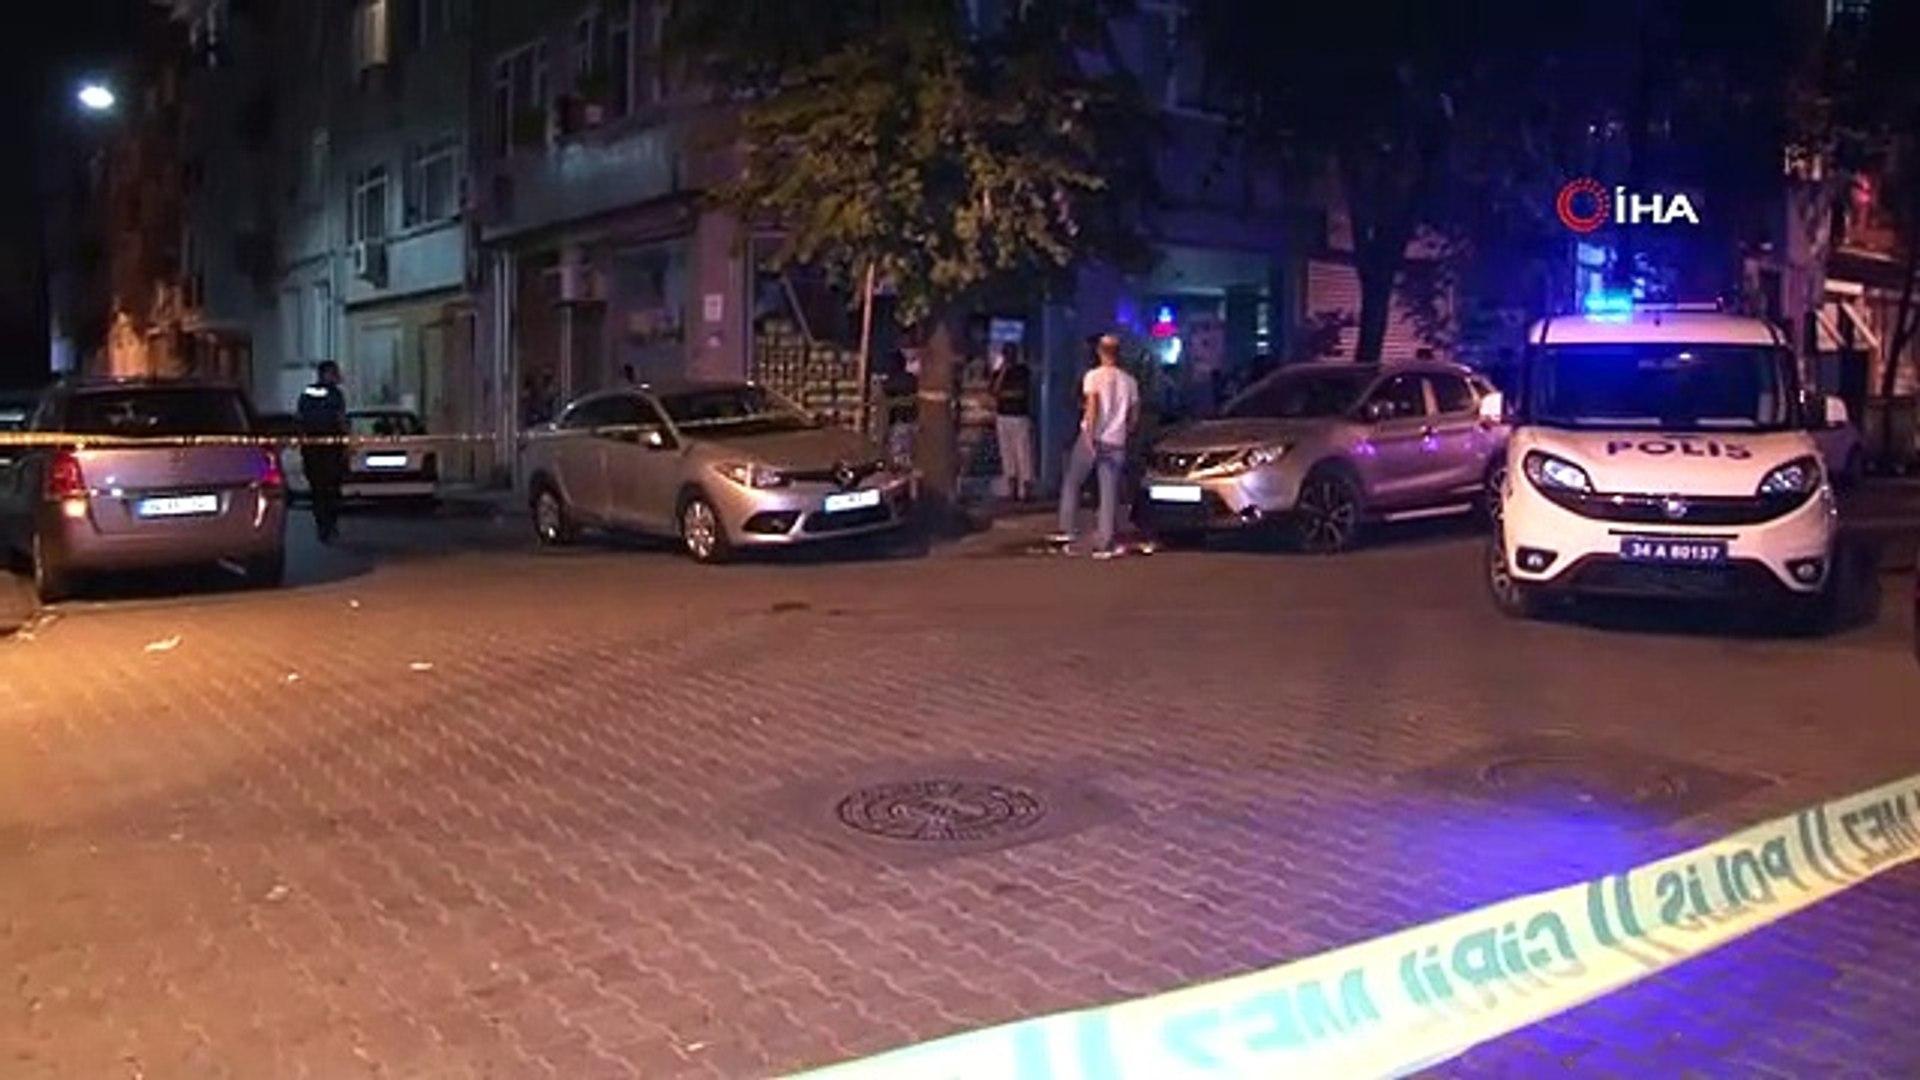 Fatih'te 18 yaşındaki gence silahlı saldırıda anı kamerada - Haber